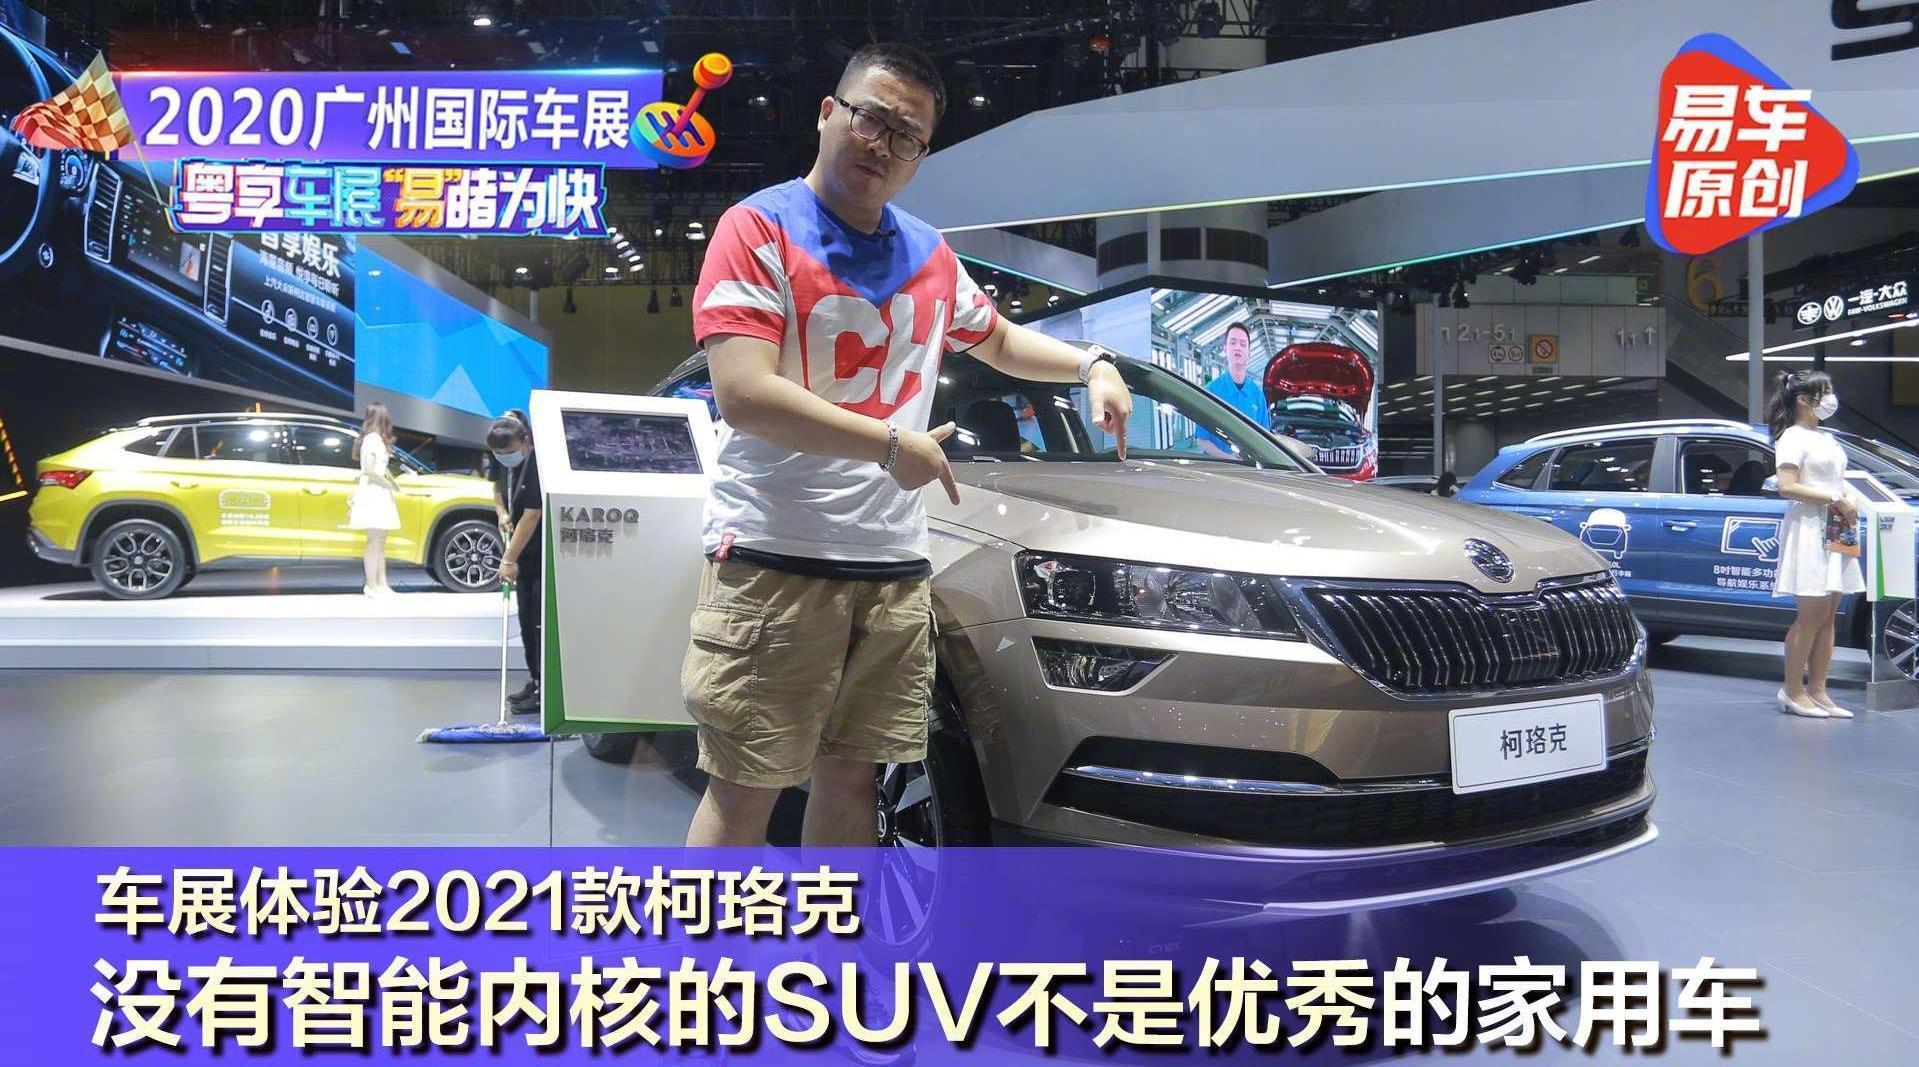 视频:2021款柯珞克 没有智能内核的SUV不是一台优秀的家用车